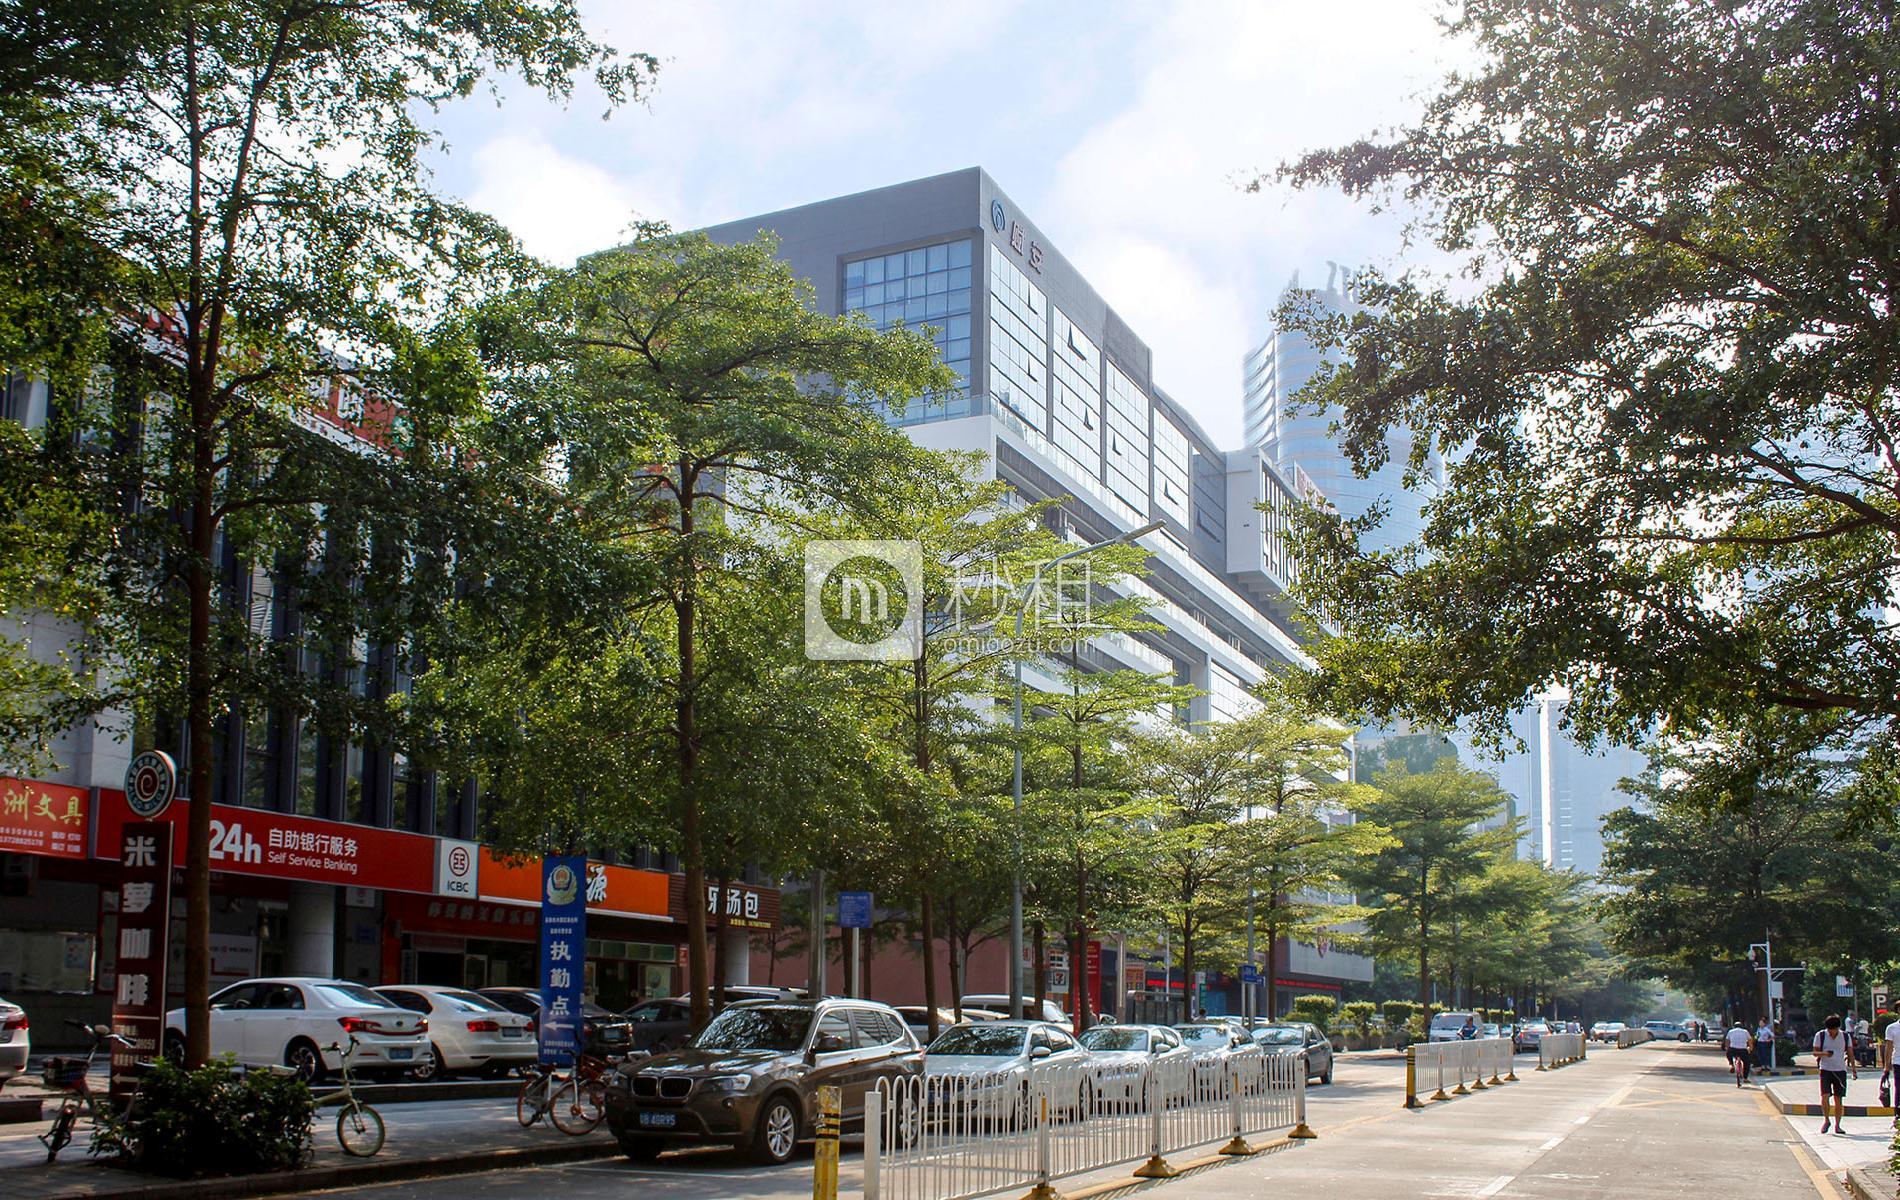 赋安科技大厦写字楼出租/招租/租赁,赋安科技大厦办公室出租/招租/租赁